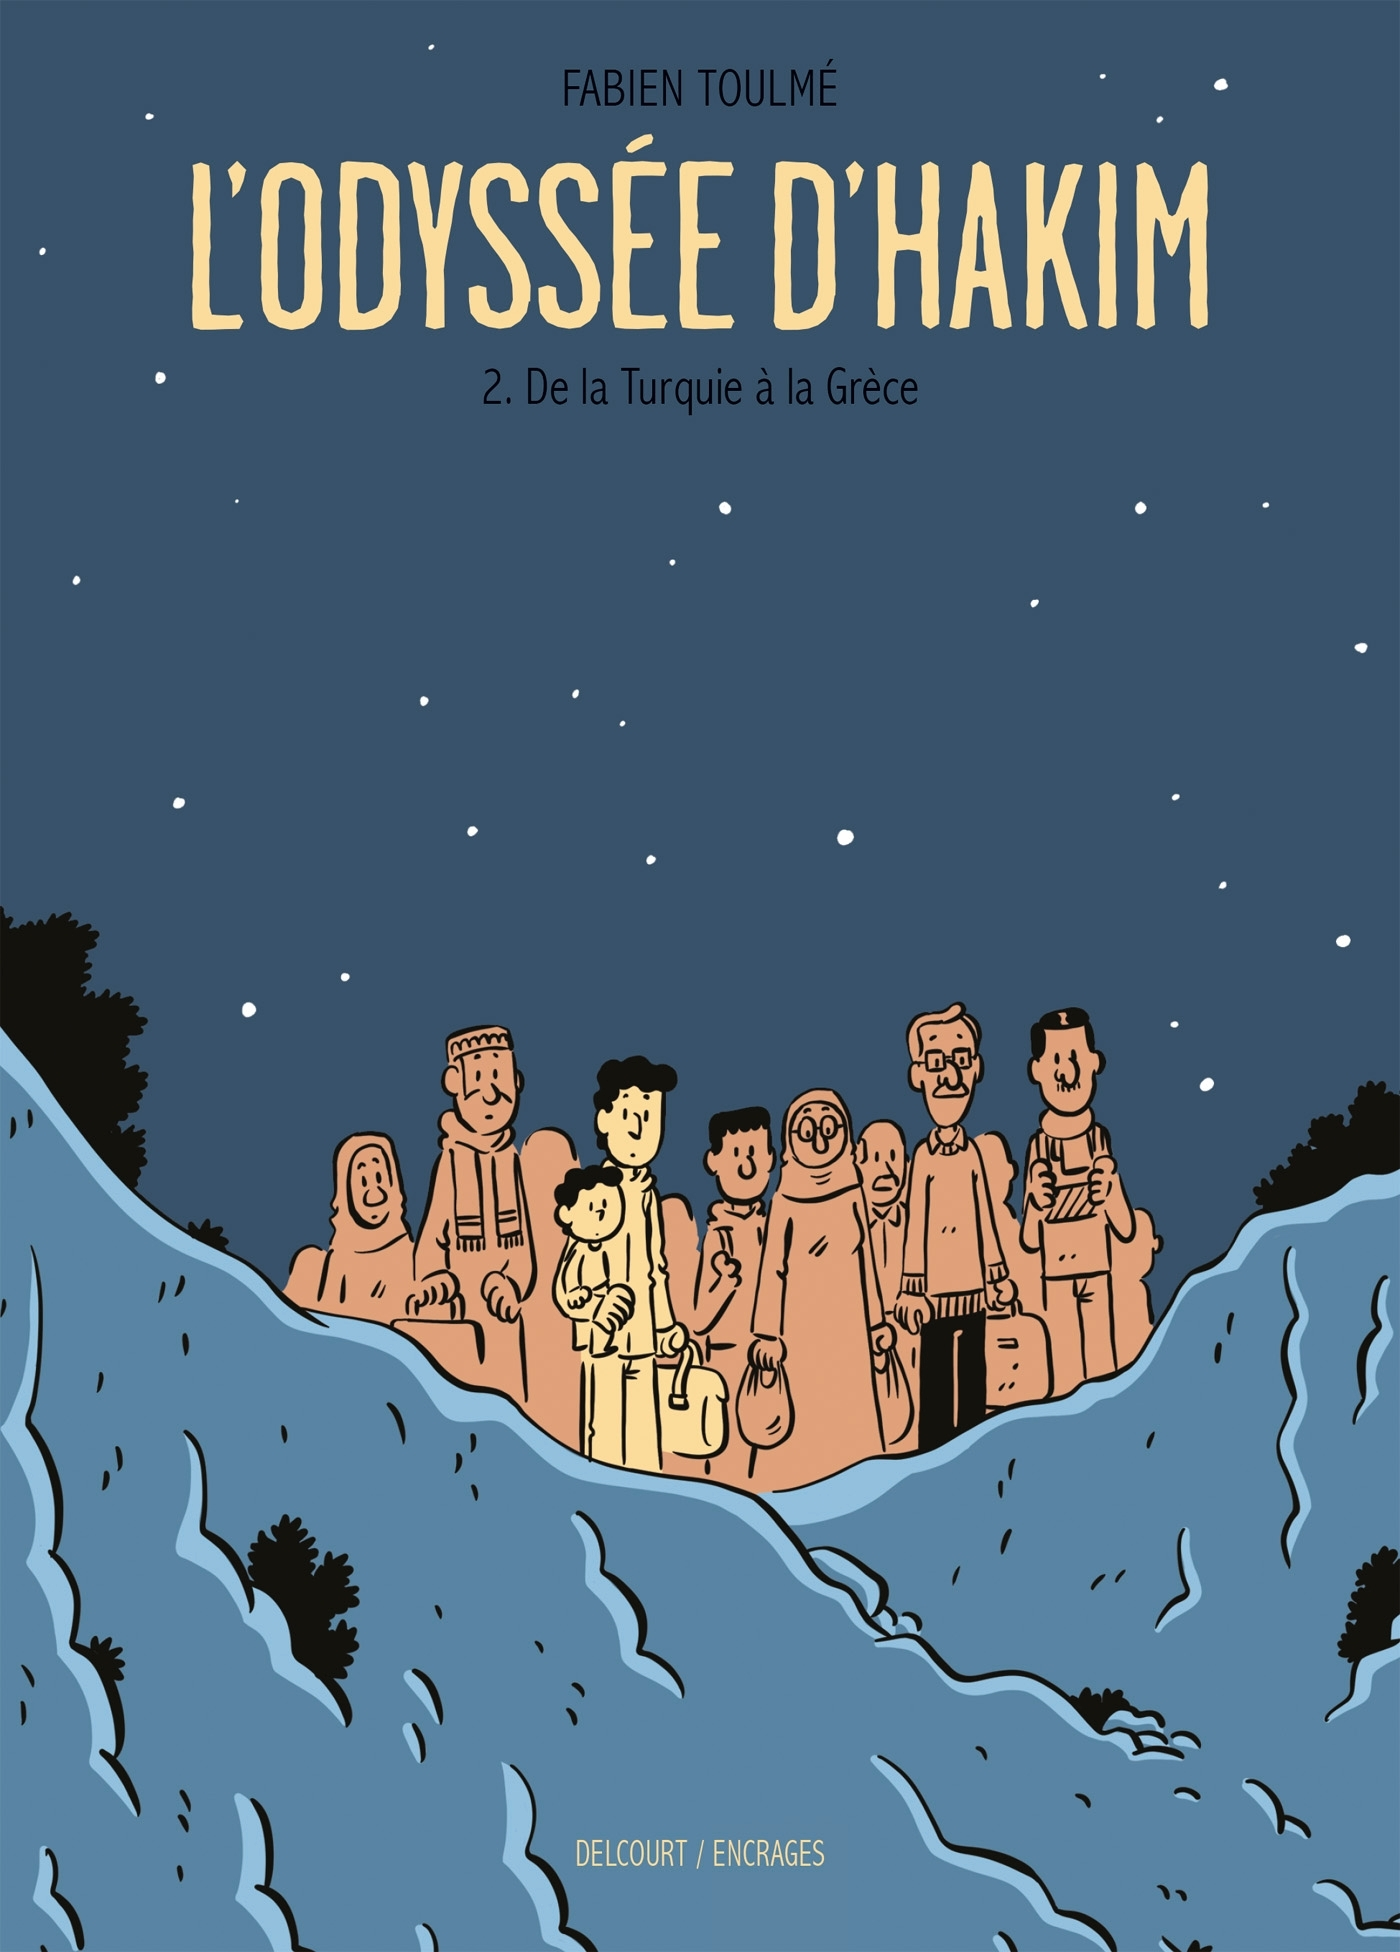 L'ODYSSEE D'HAKIM - T02 - L'ODYSSEE D'HAKIM 02. DE LA TURQUIE A LA GRECE